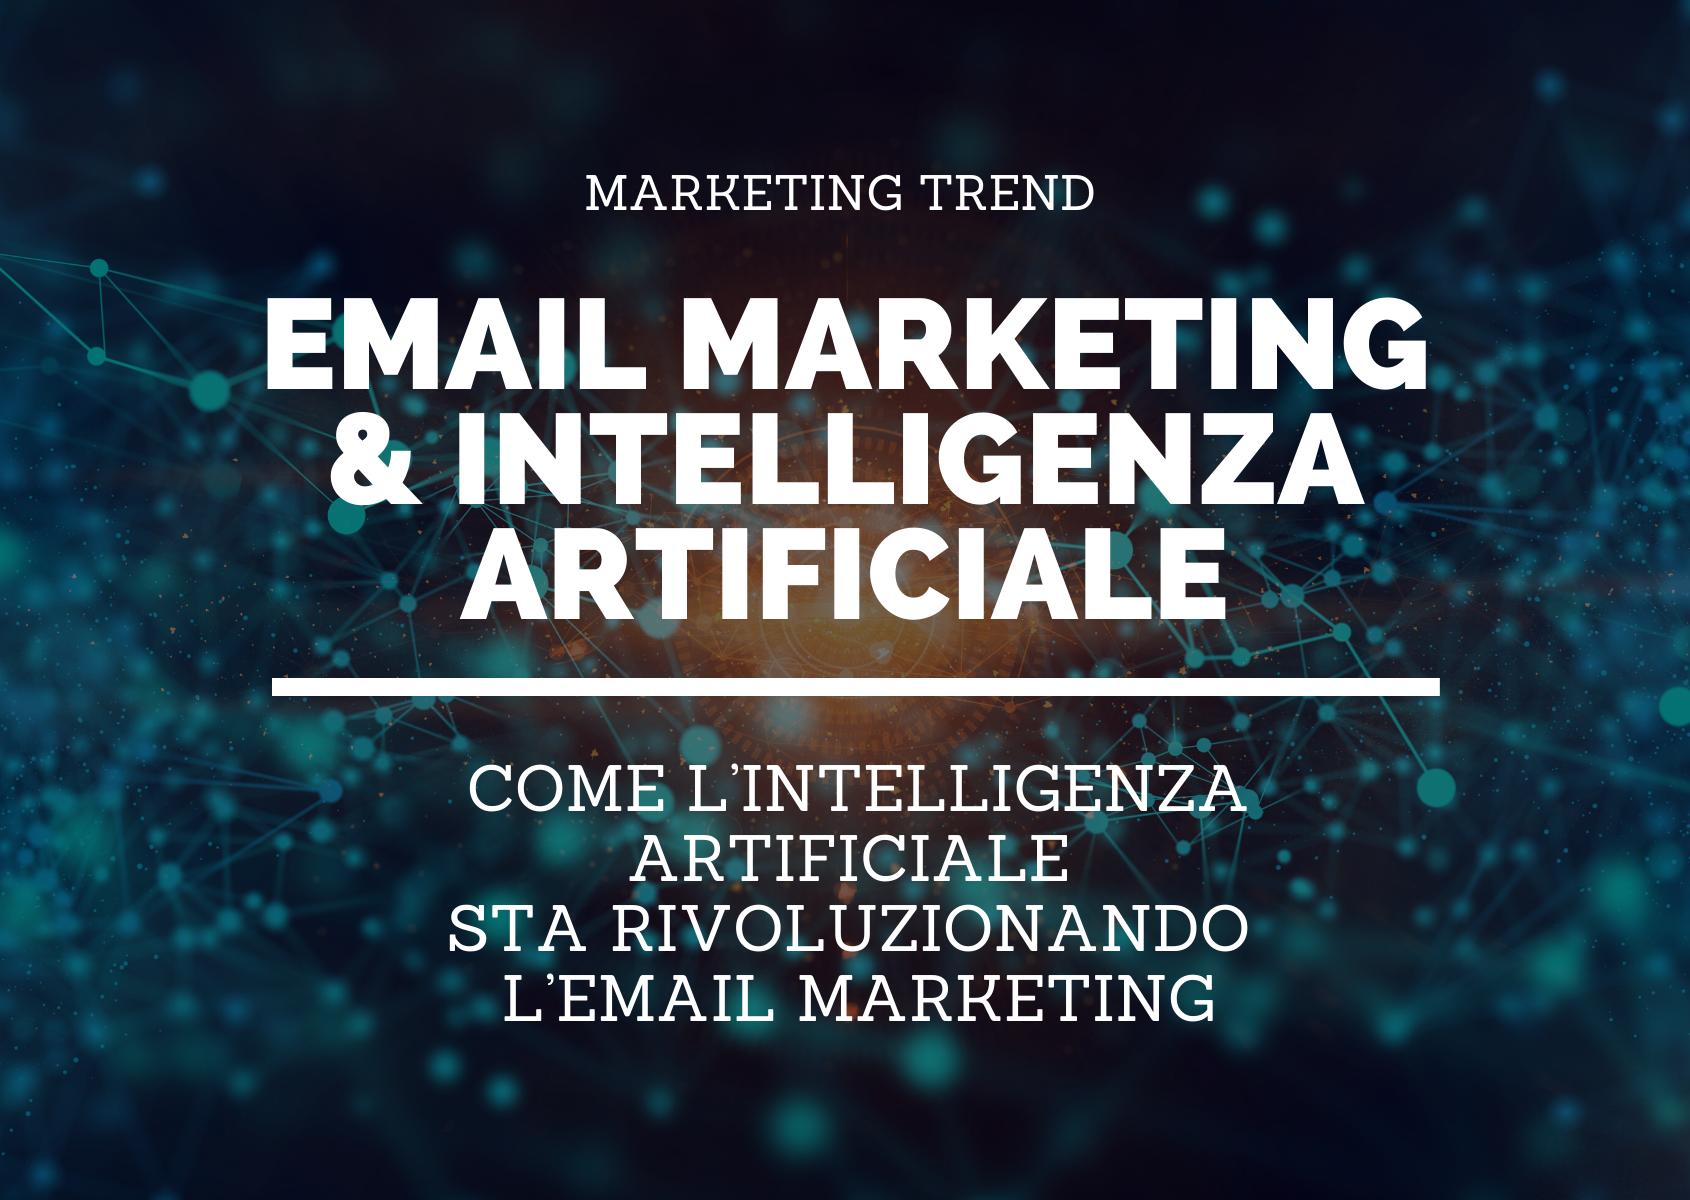 Come l'intelligenza artificiale  sta rivoluzionando  l'email marketing